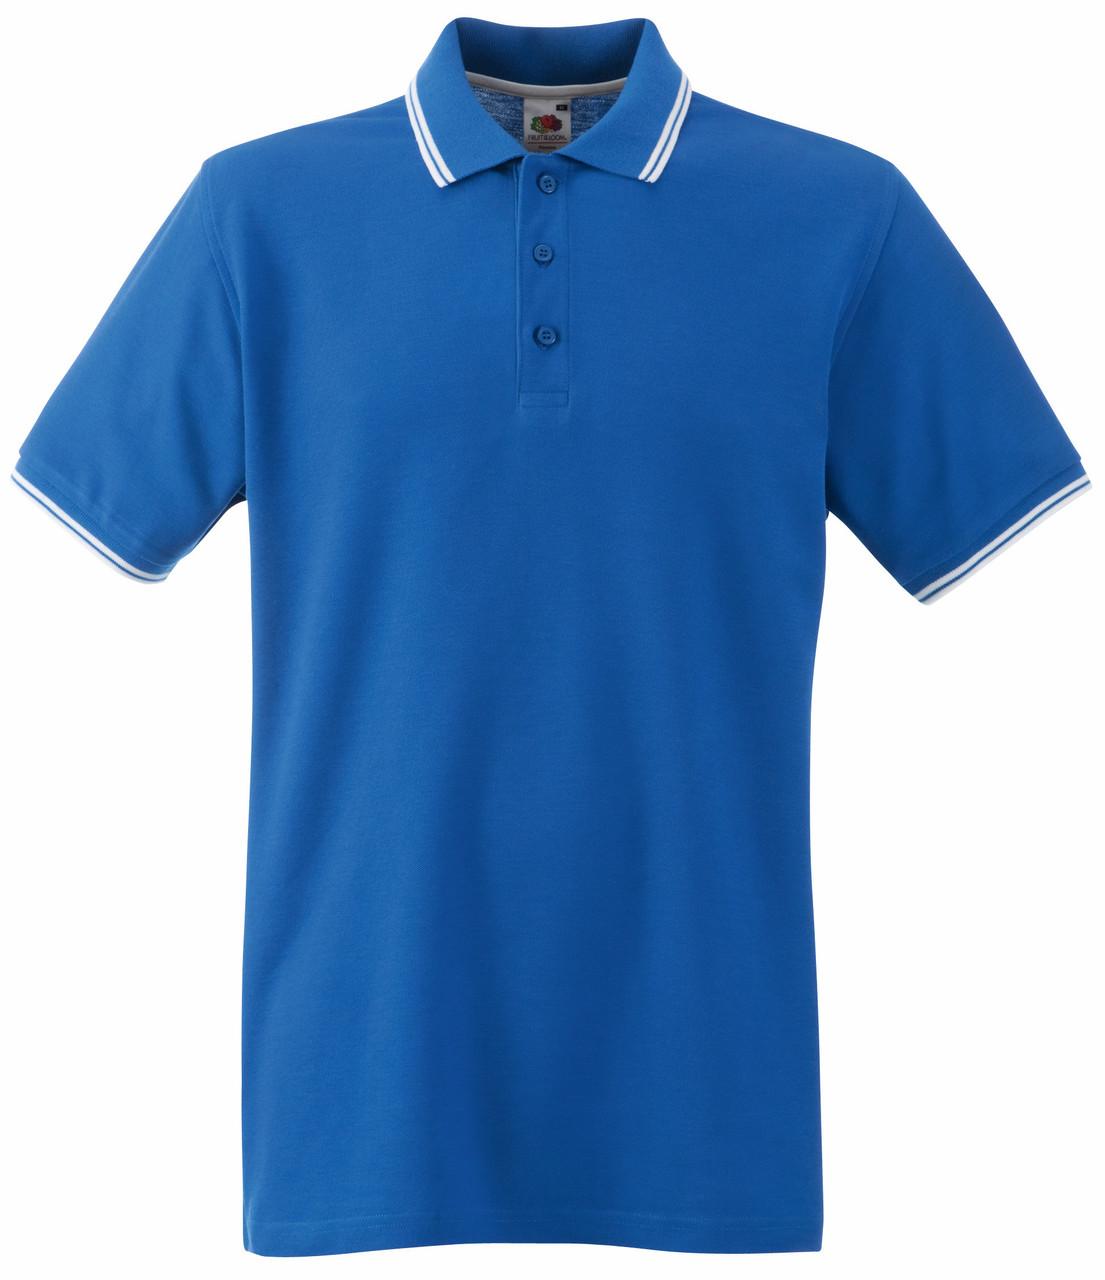 Мужское Поло Ярко-синее с Белыми Полосками Fruit of the loom 63-032-Kb L